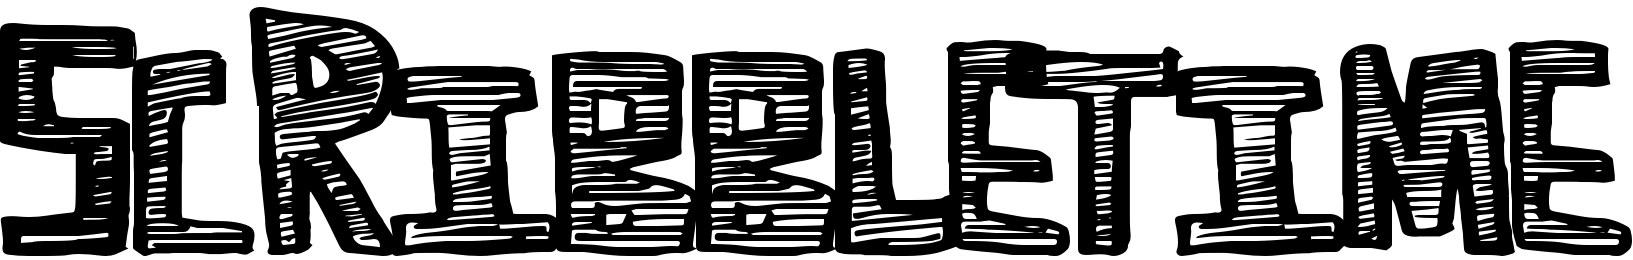 ScribbleTime